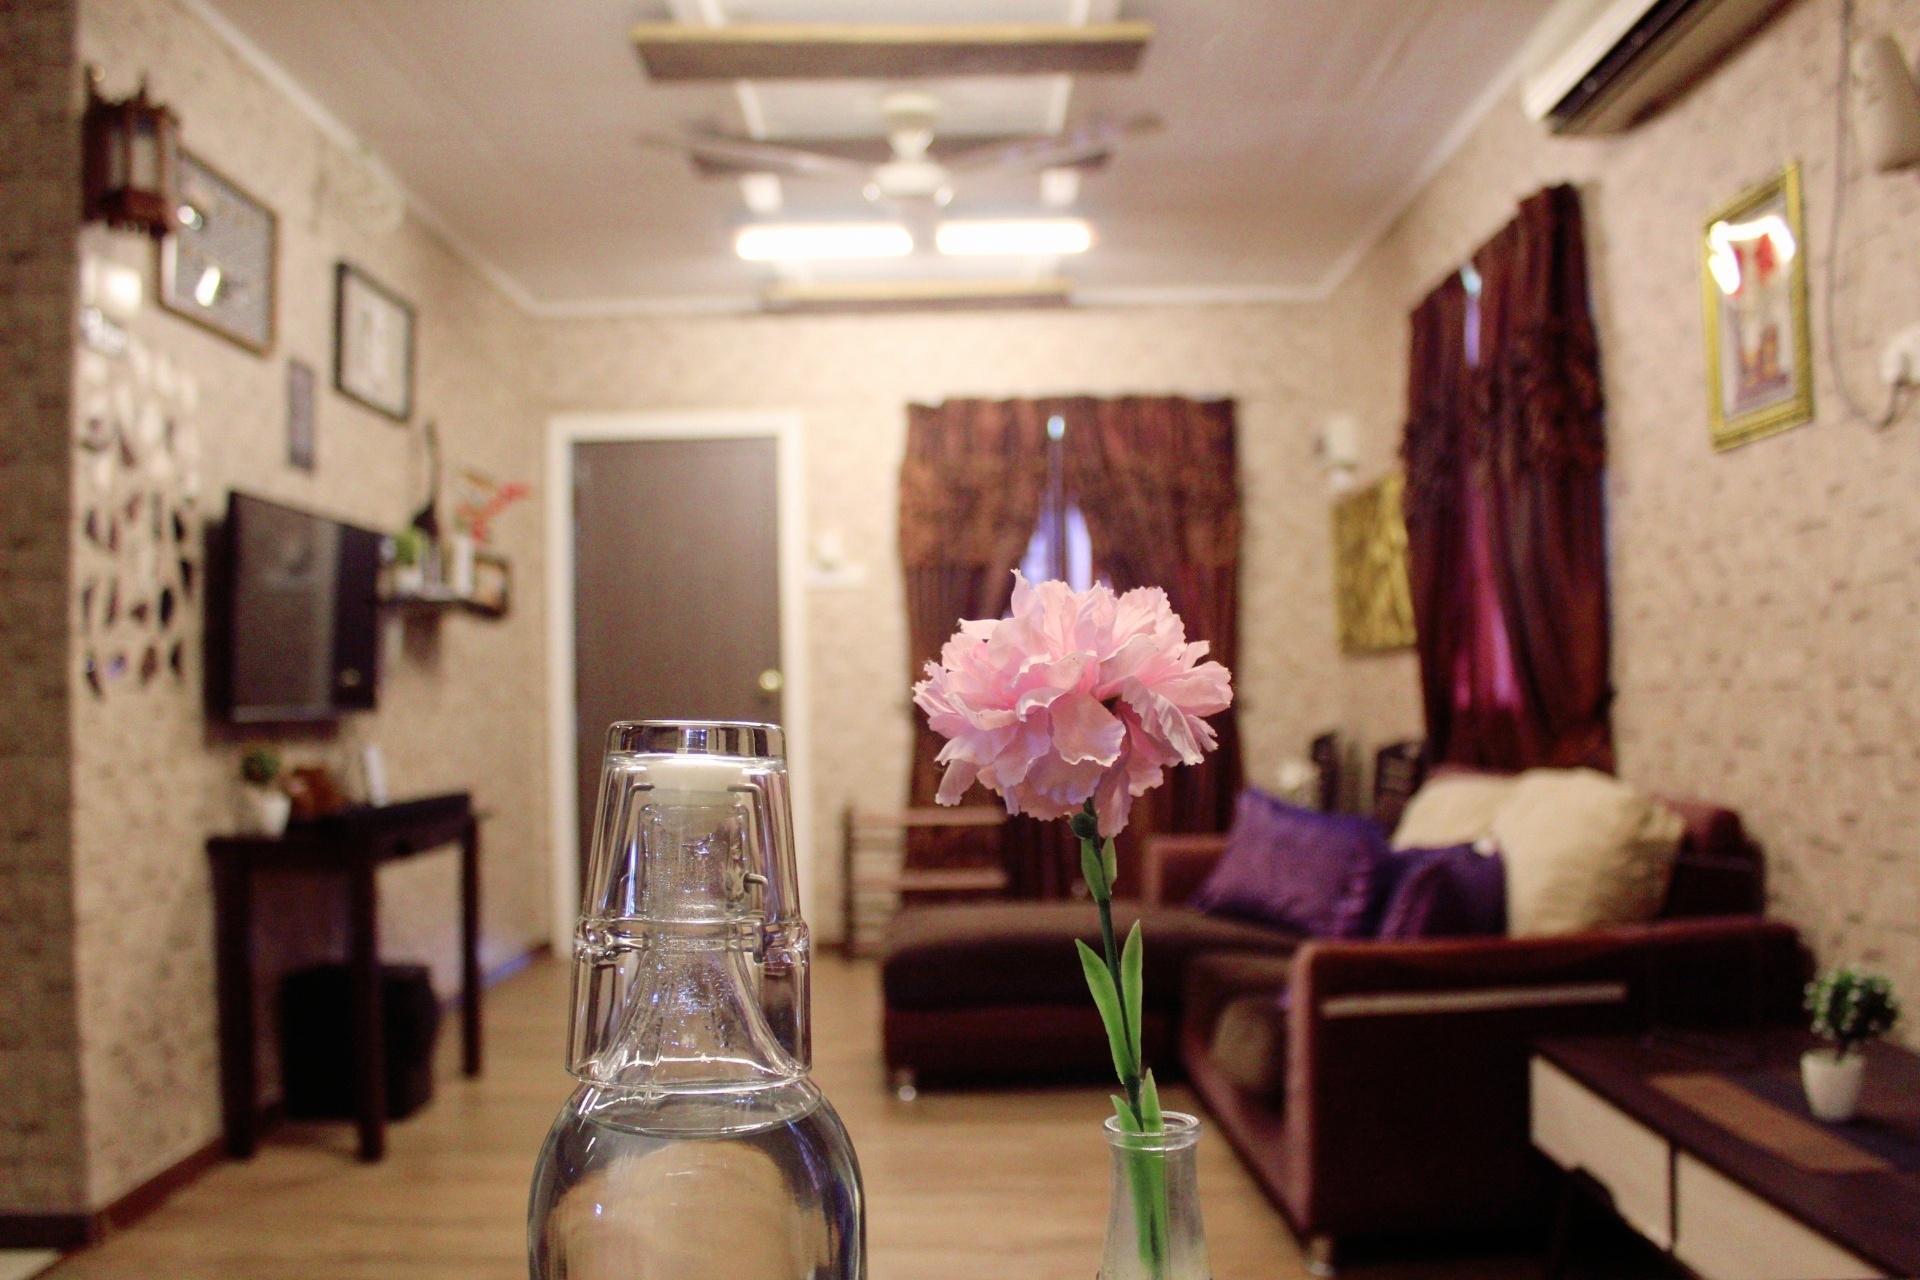 Ice Tea Eco House 'Cinematic View'